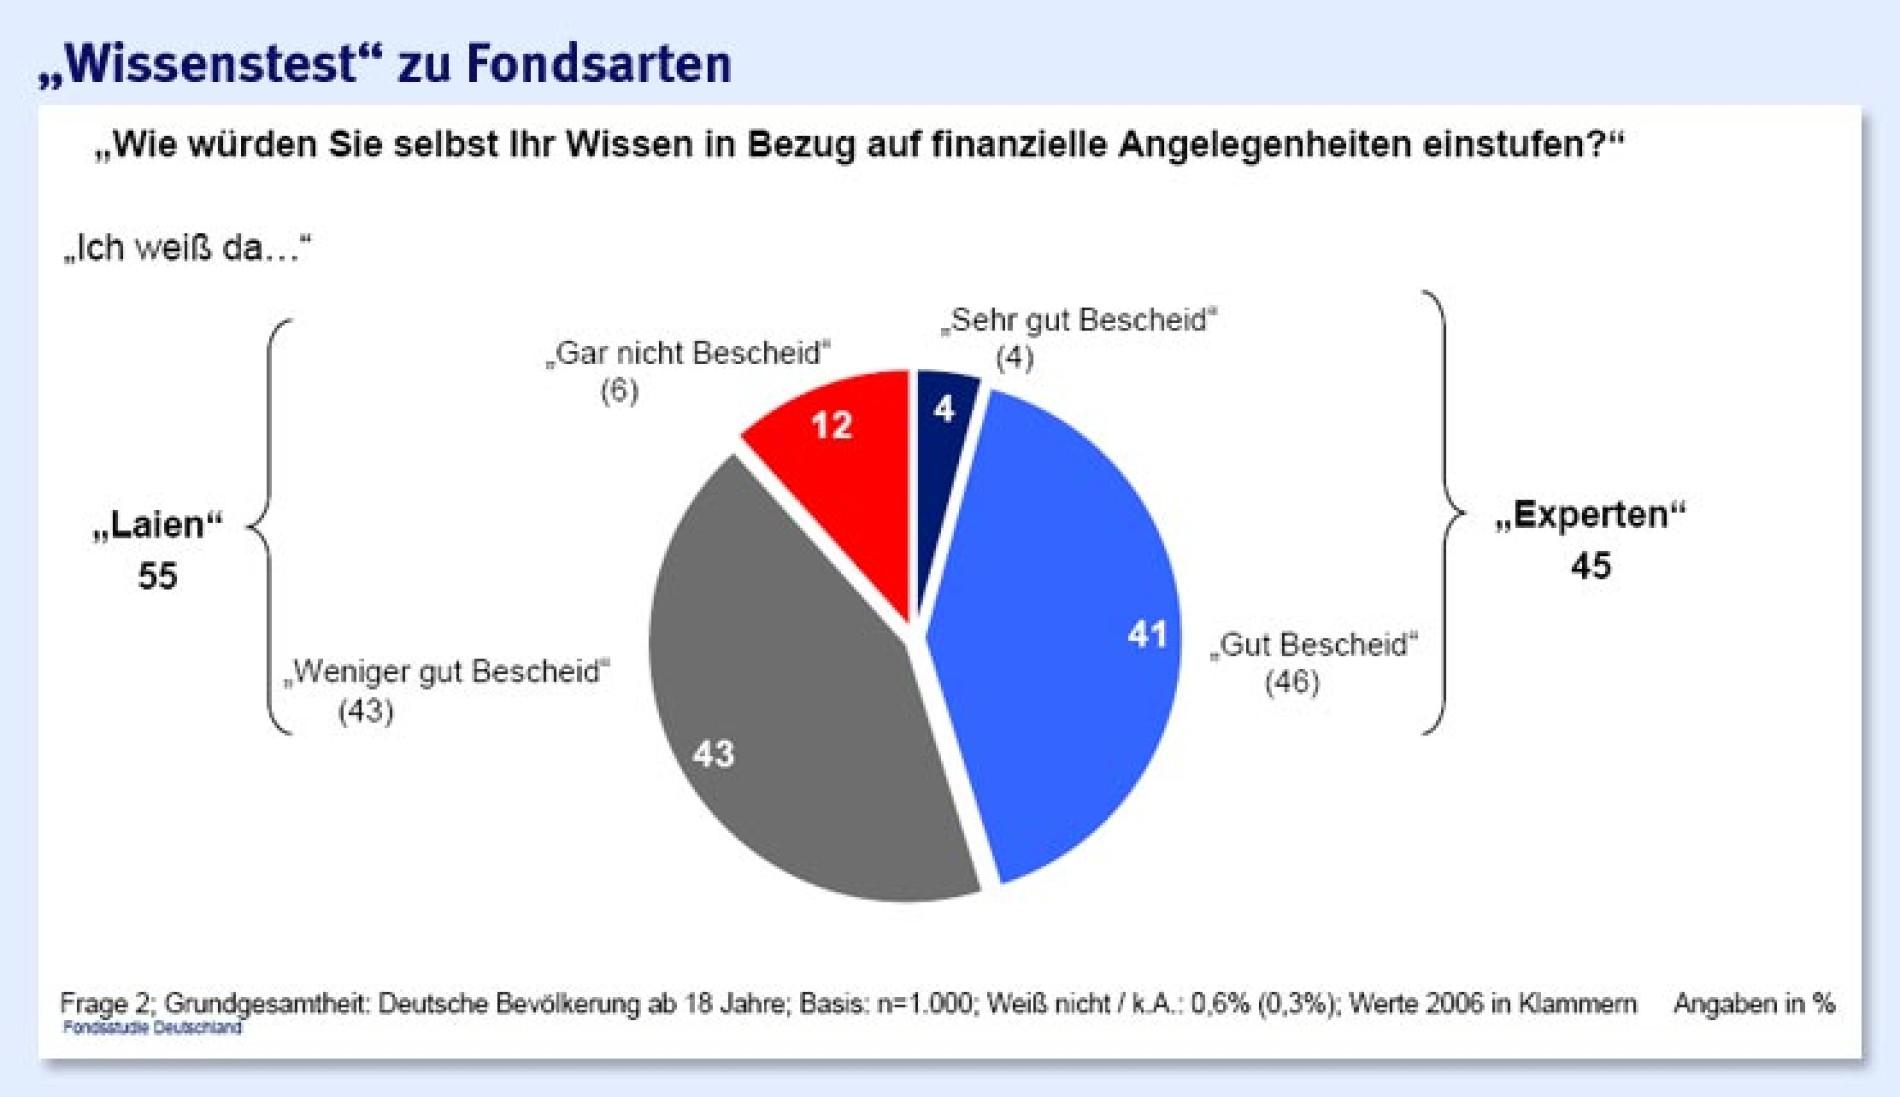 Investmentfonds darstellung menschlicher centum investments vacancies